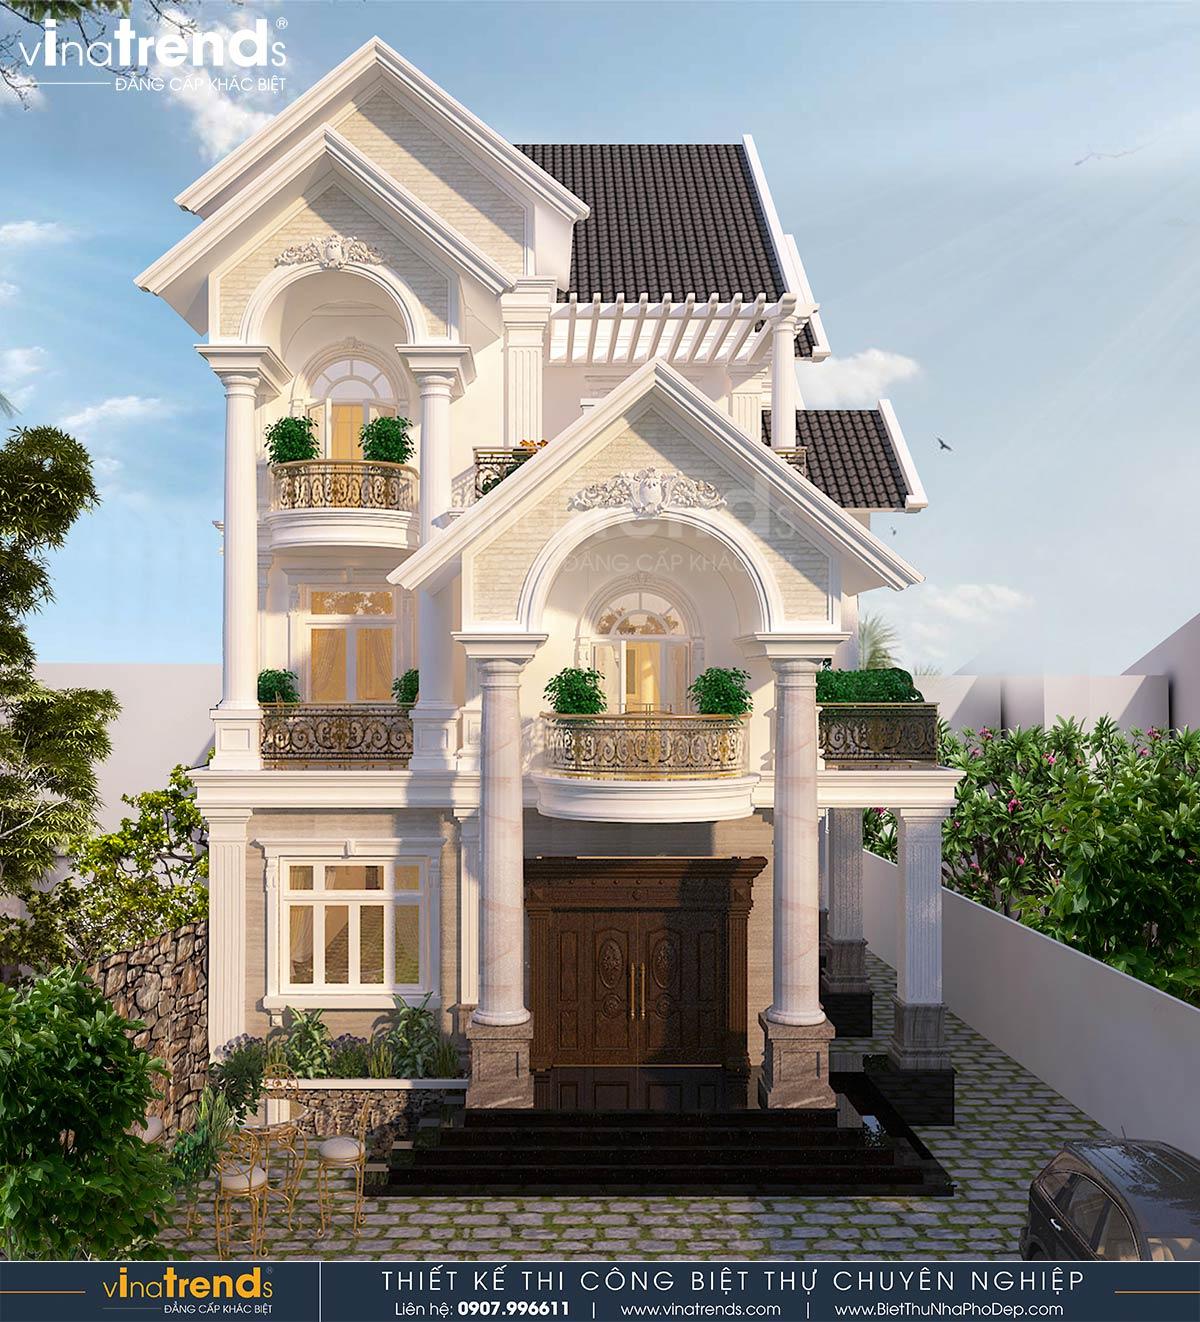 mau nha biet thu 3 tang co dien dep nhat Mẫu nhà biệt thự 3 tầng tân cổ điển 7x17m mê ngay sân vườn trước của anh Thiện ở Tiền Giang